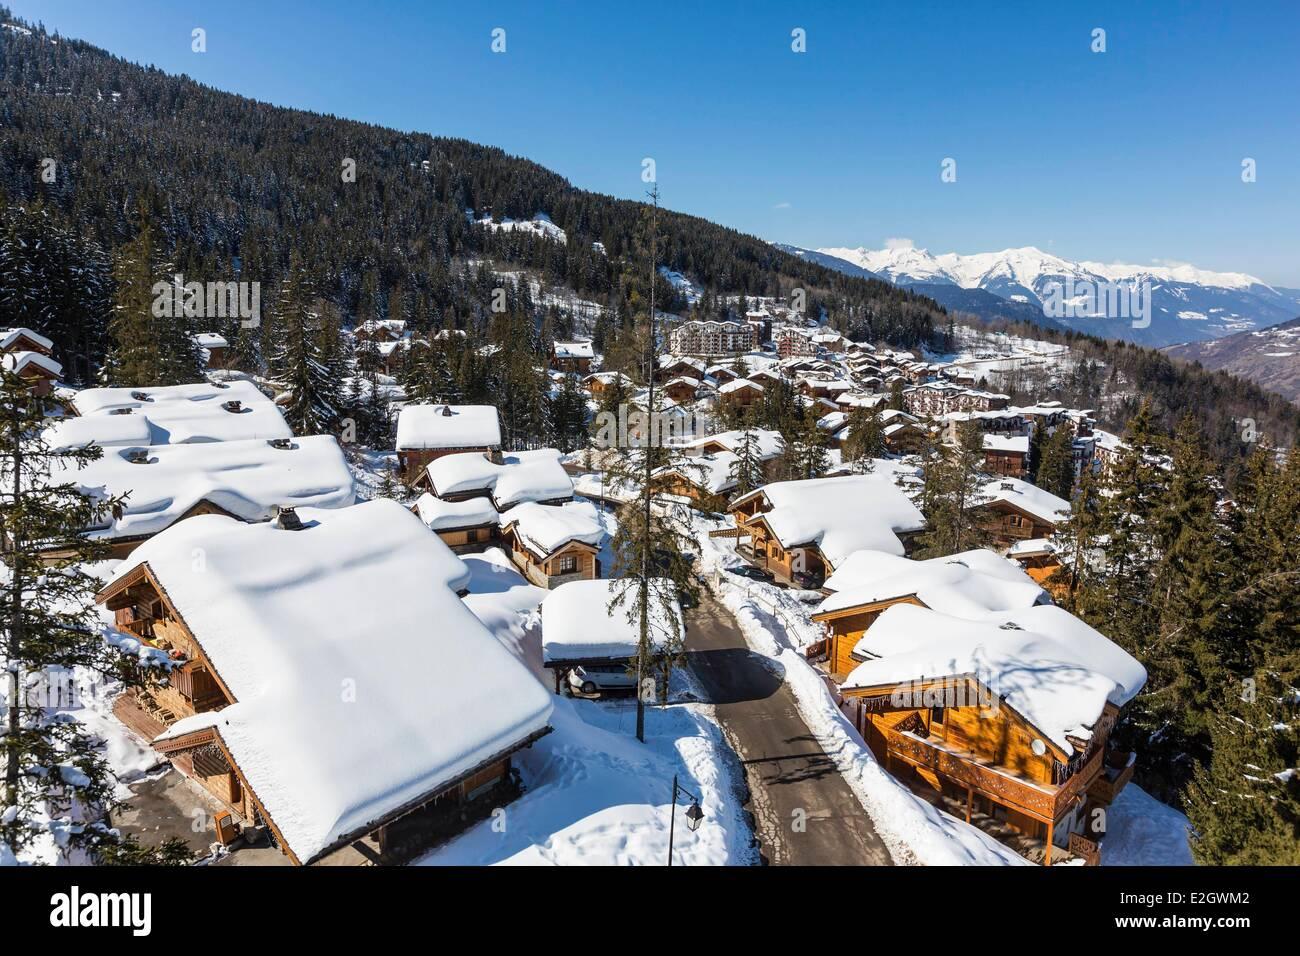 France Savoie La Tania est une des plus grandes gares de village de France au coeur de la plus grande station de Banque D'Images